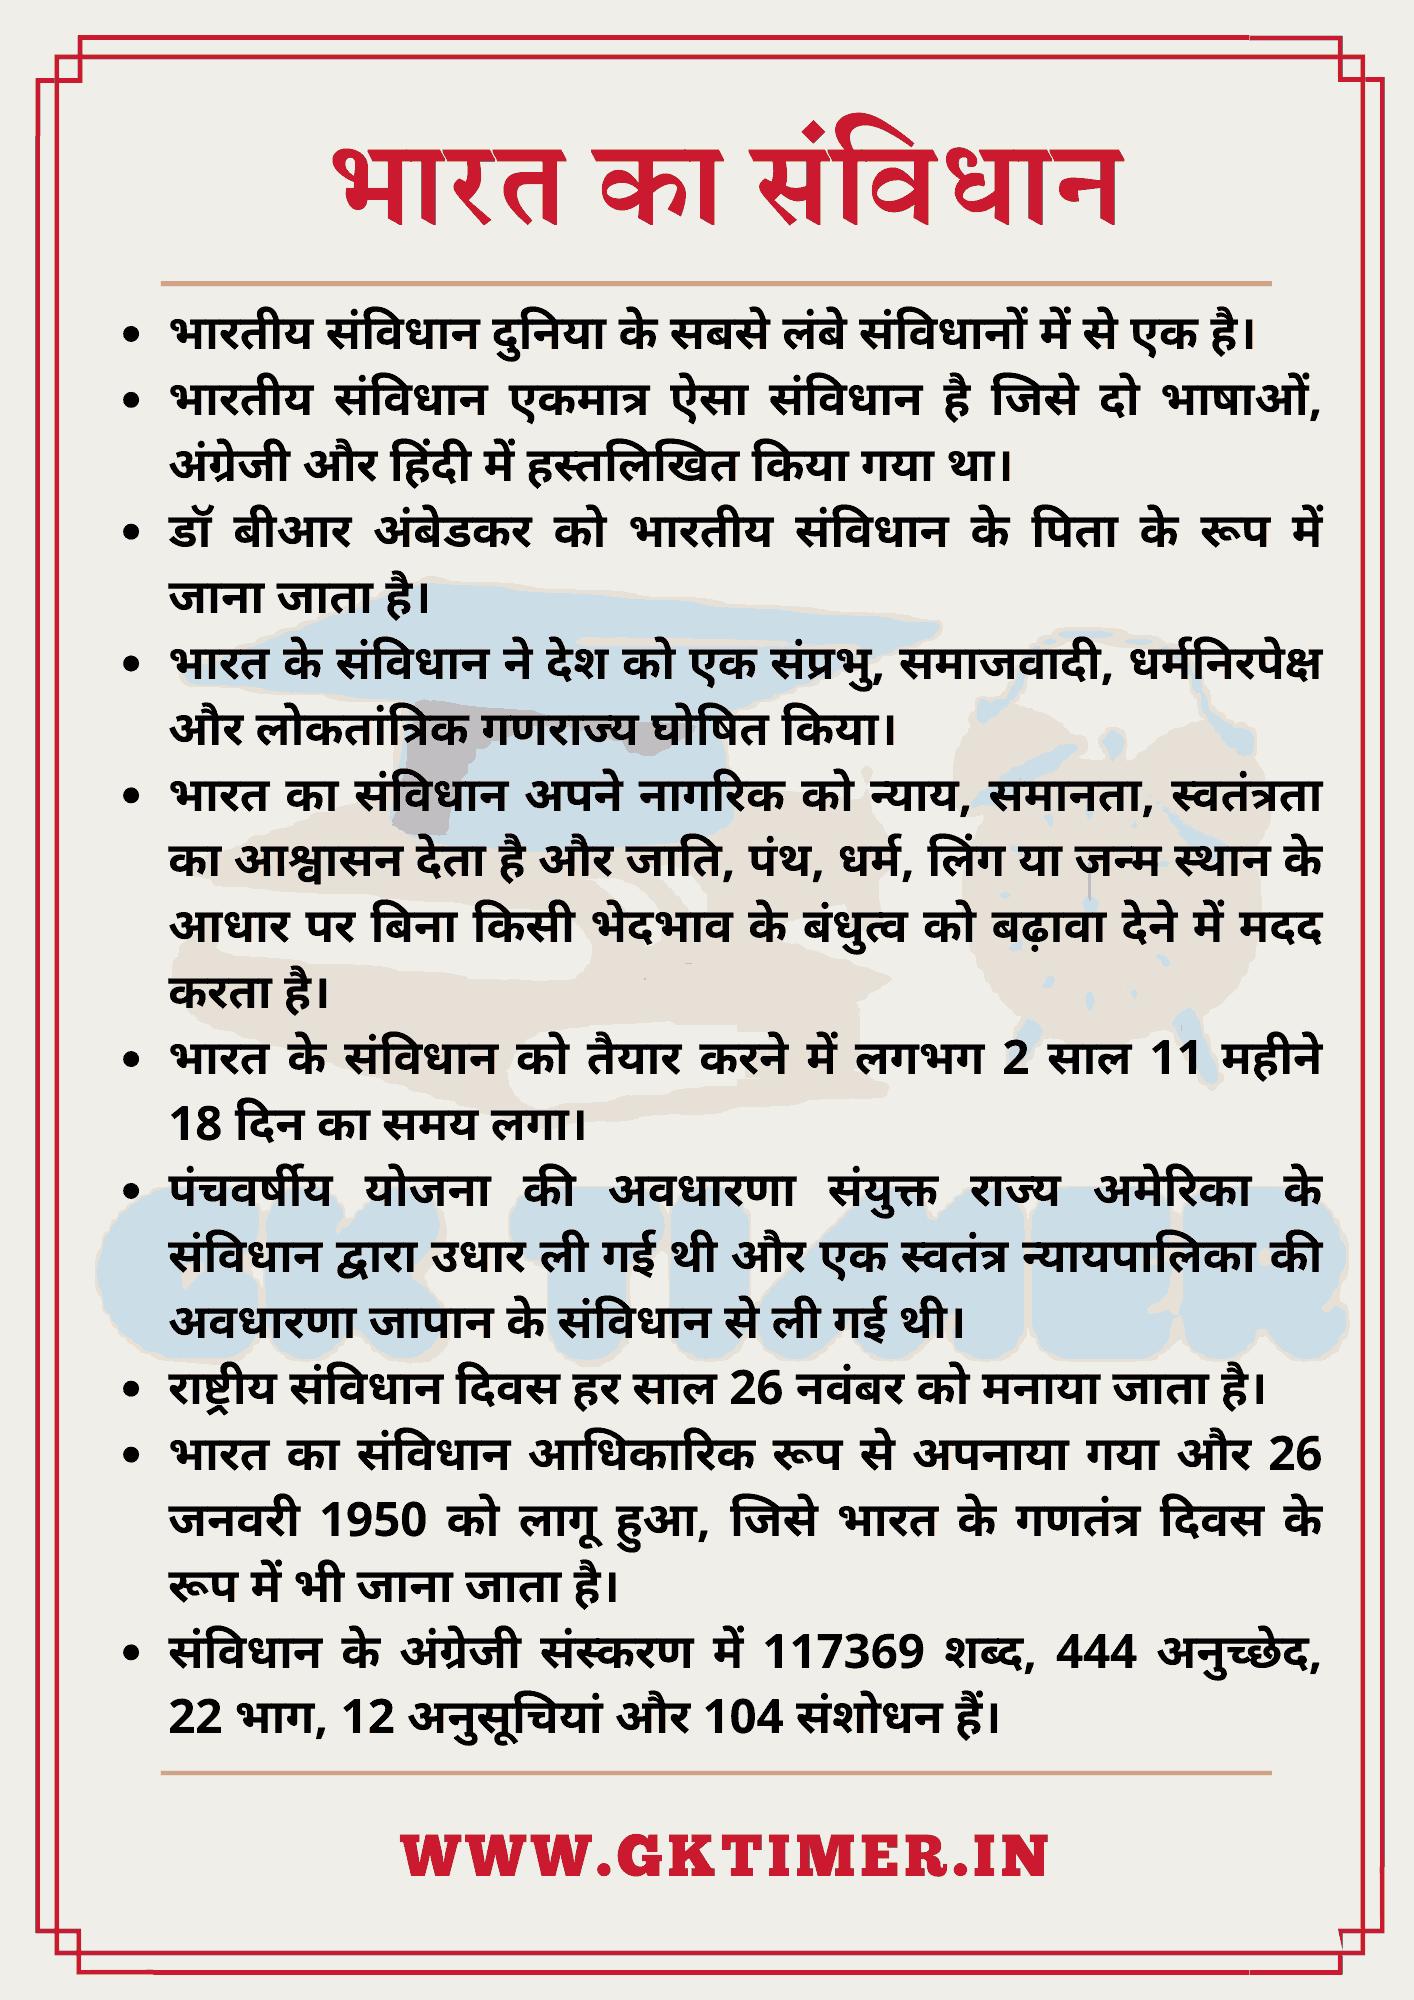 भारत के संविधान पर निबंध | Essay on Indian Constitution in Hindi | 10 Lines on Indian Constitution in Hindi